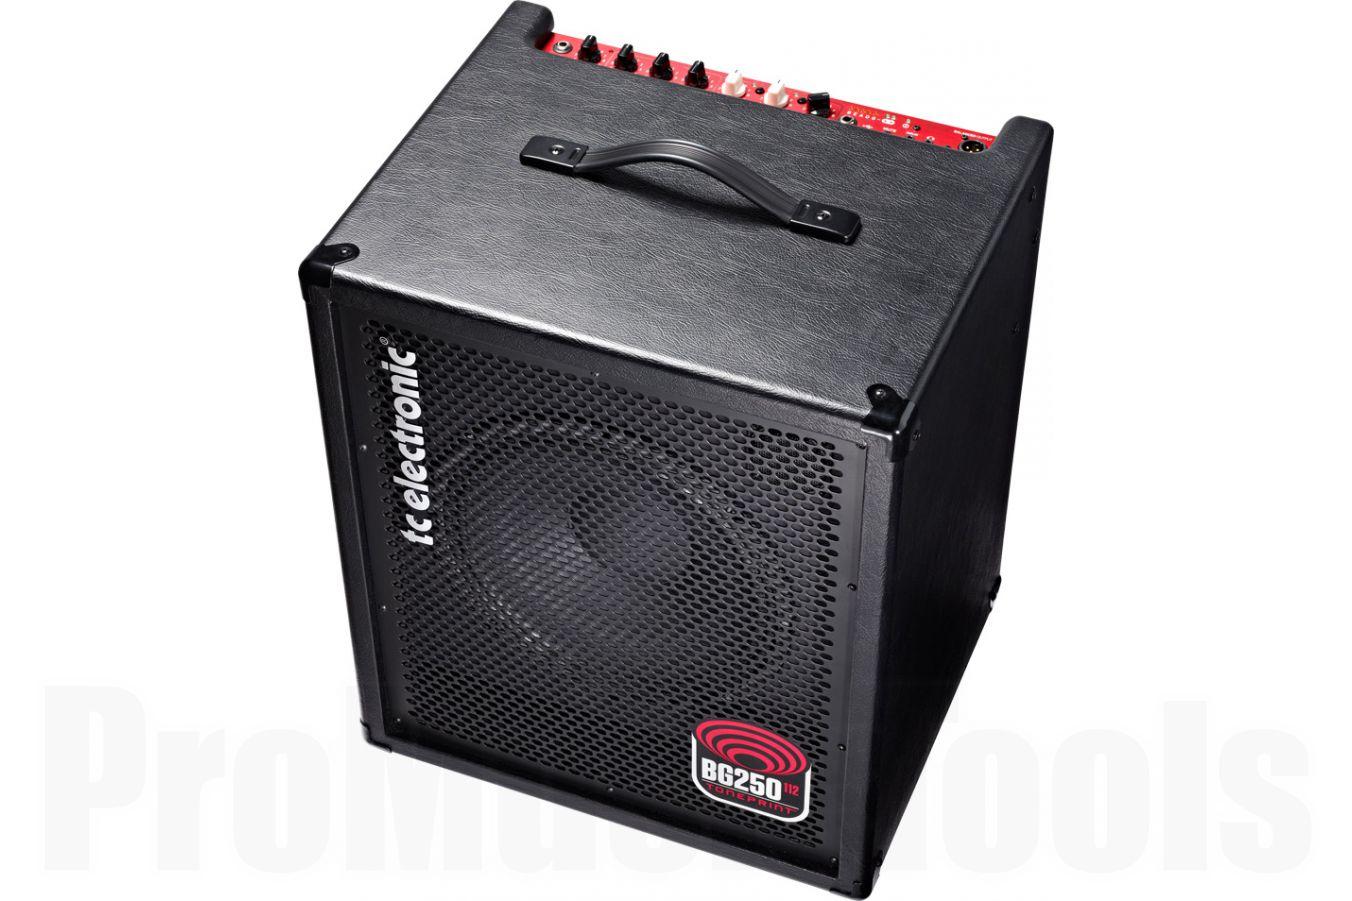 TC Electronic BG250-112 Bass Combo - b-stock (1x opened box)